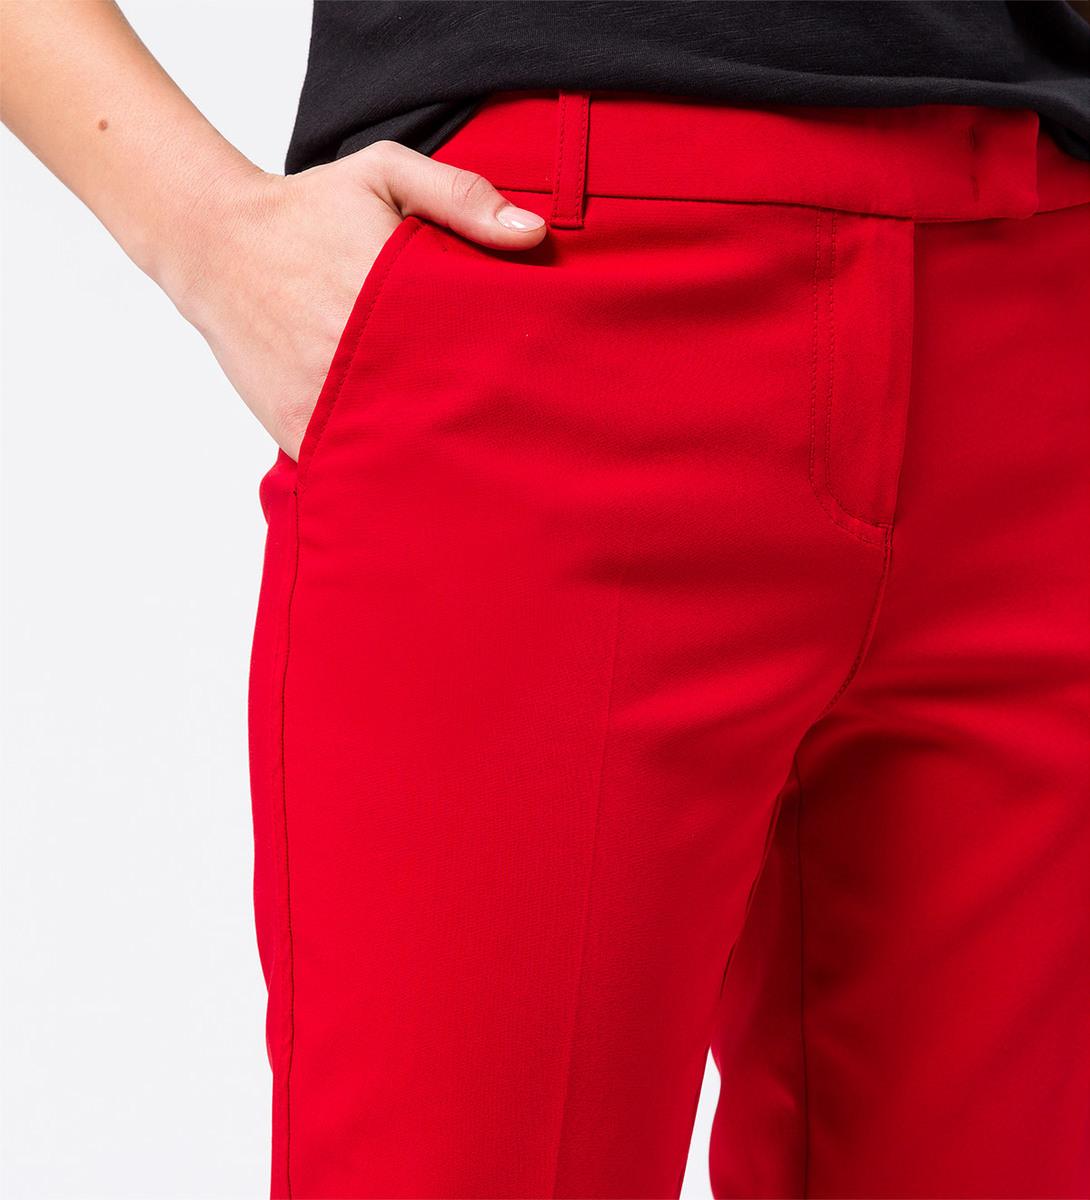 Hose mit Bügelfalten 28 Inch in chili red